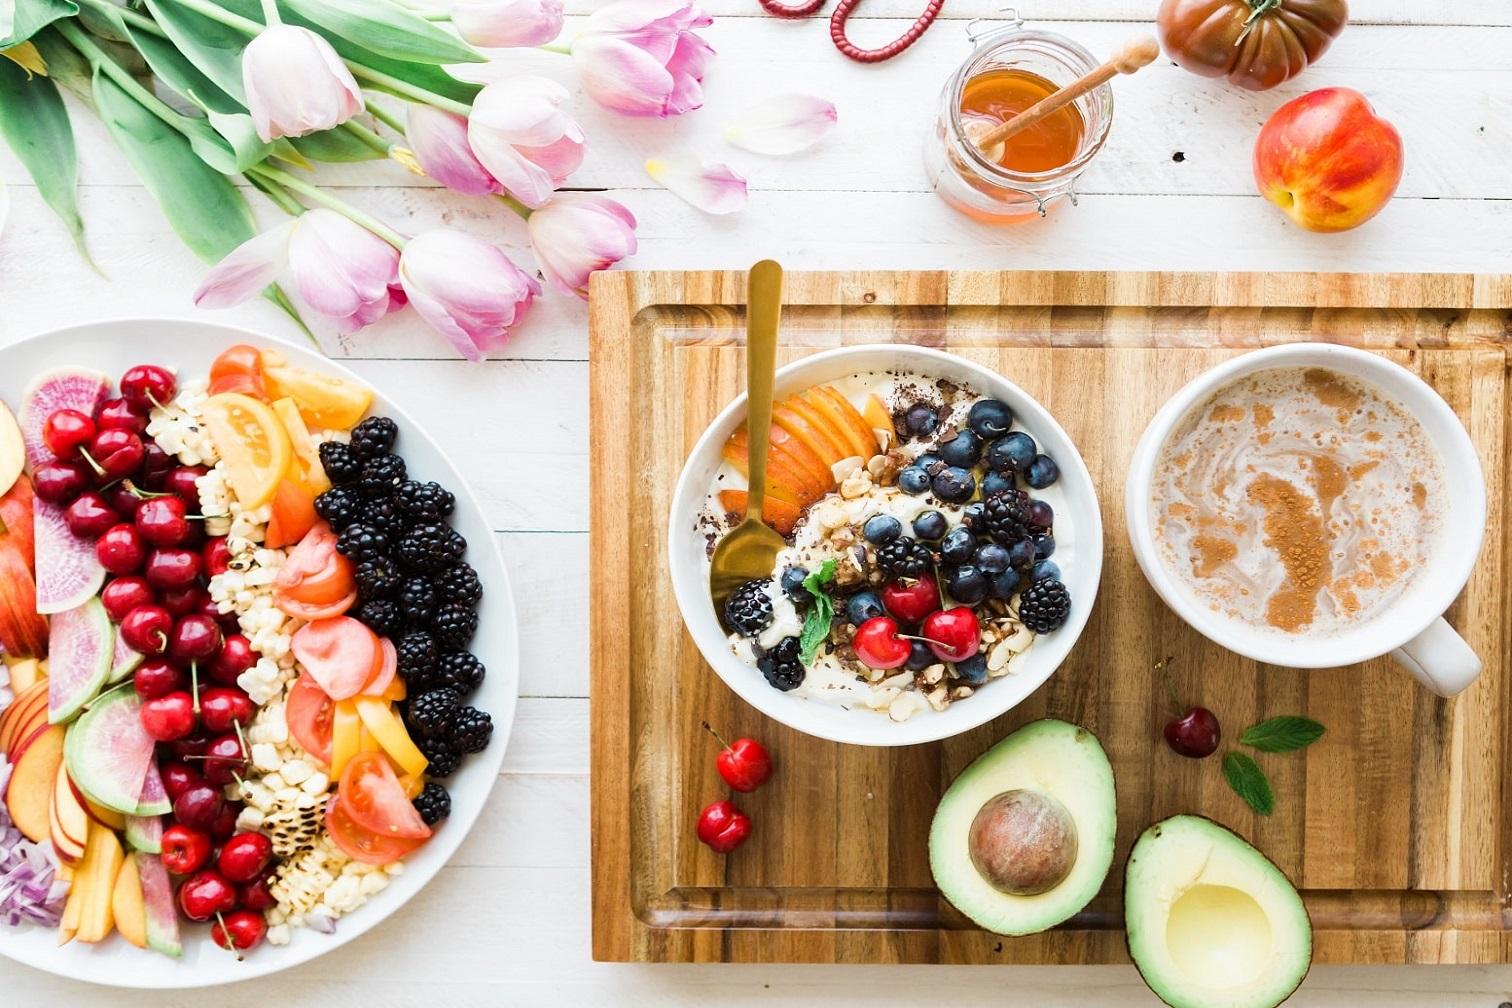 Czy można jeść owoce wieczorem? Rozprawiamy się z mitami